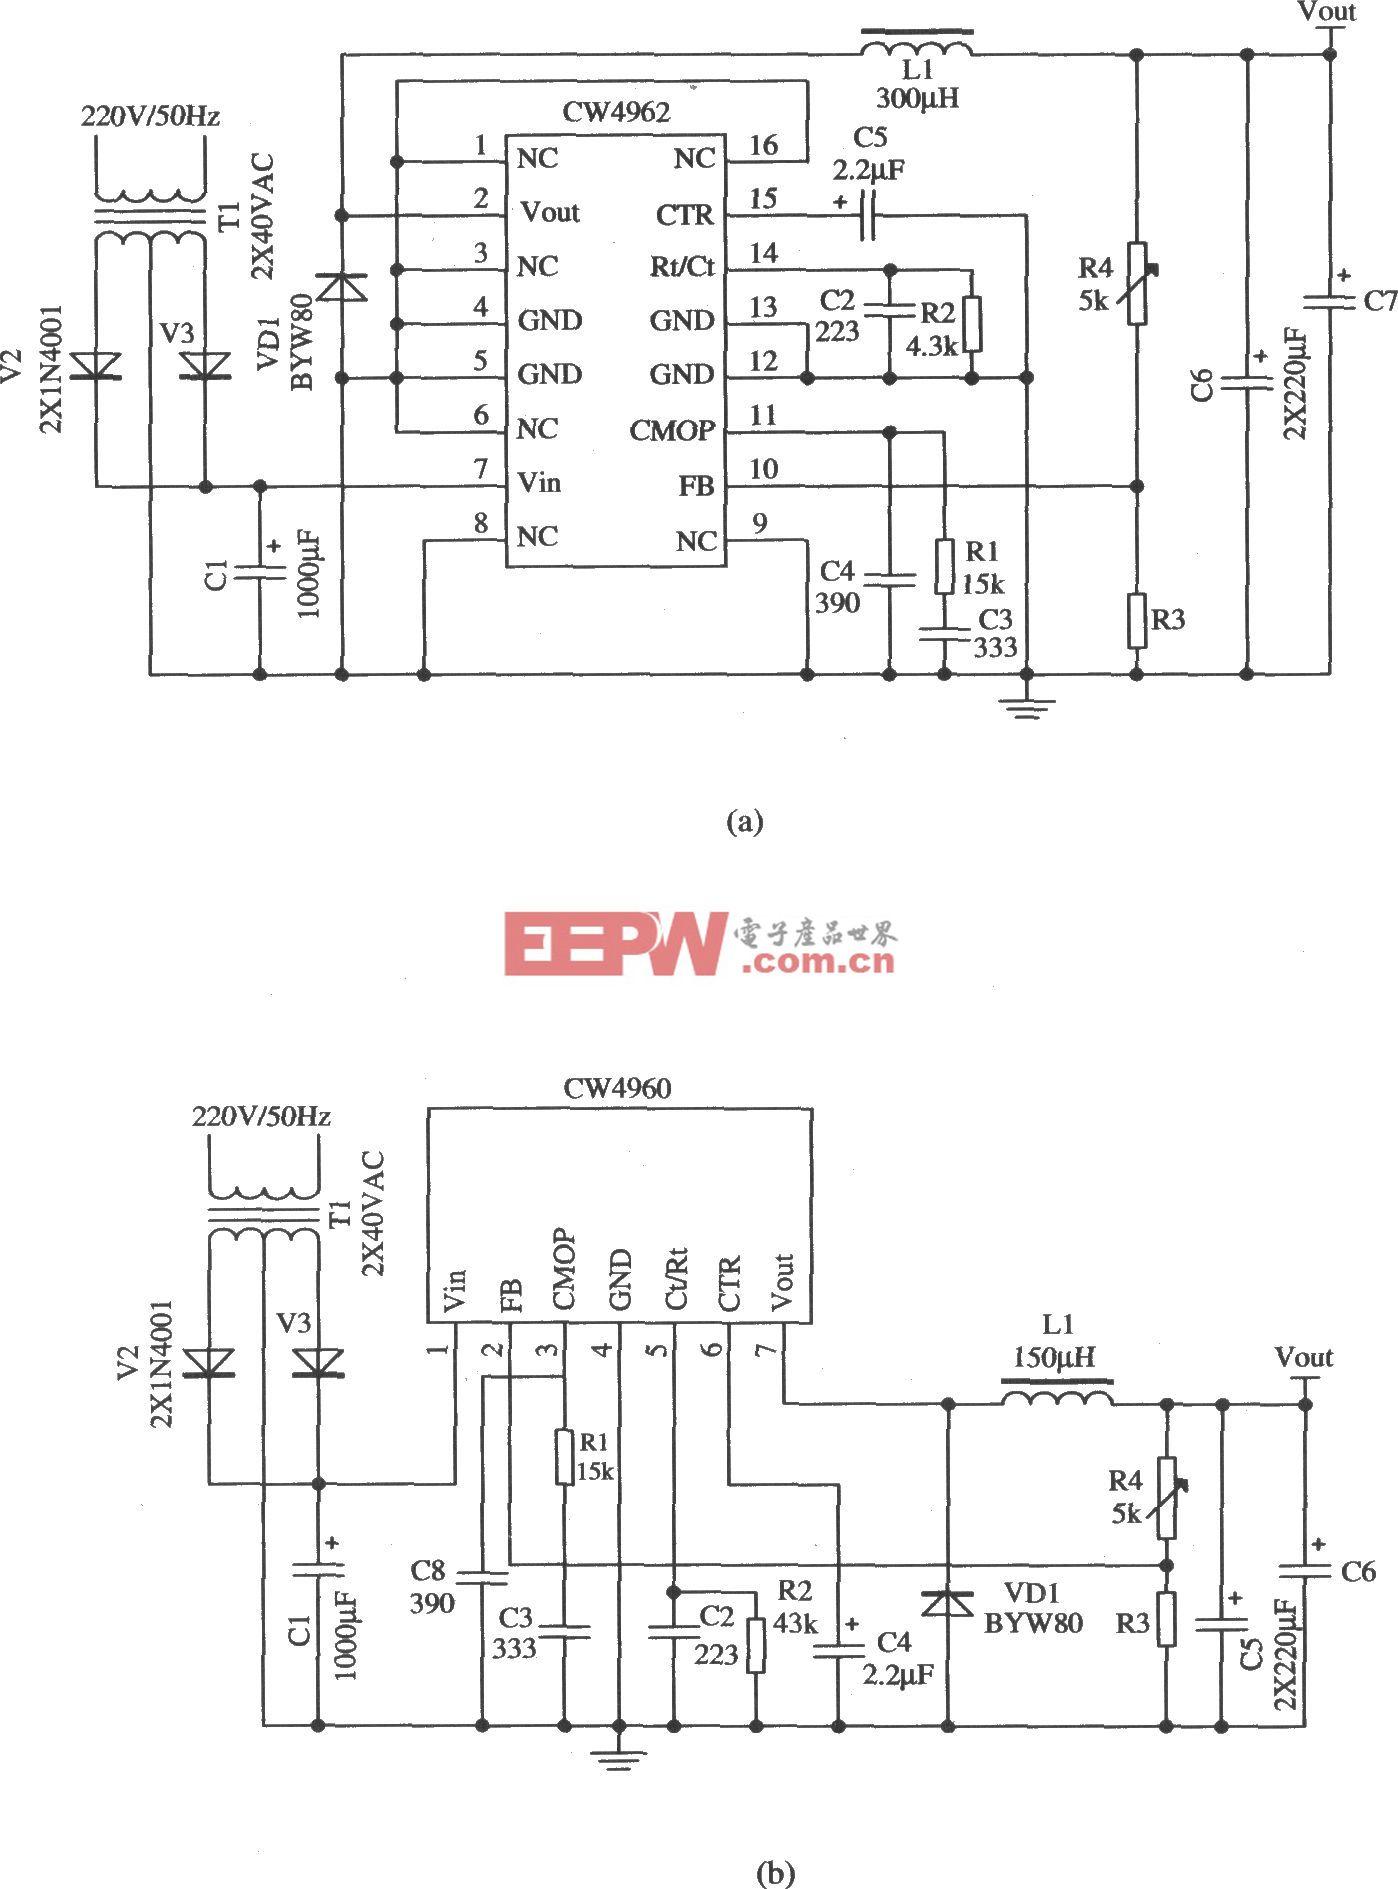 工频变压器对交流220V电网电压降压、整流、滤波后作为前级输入电源(CW1906、CW4962)